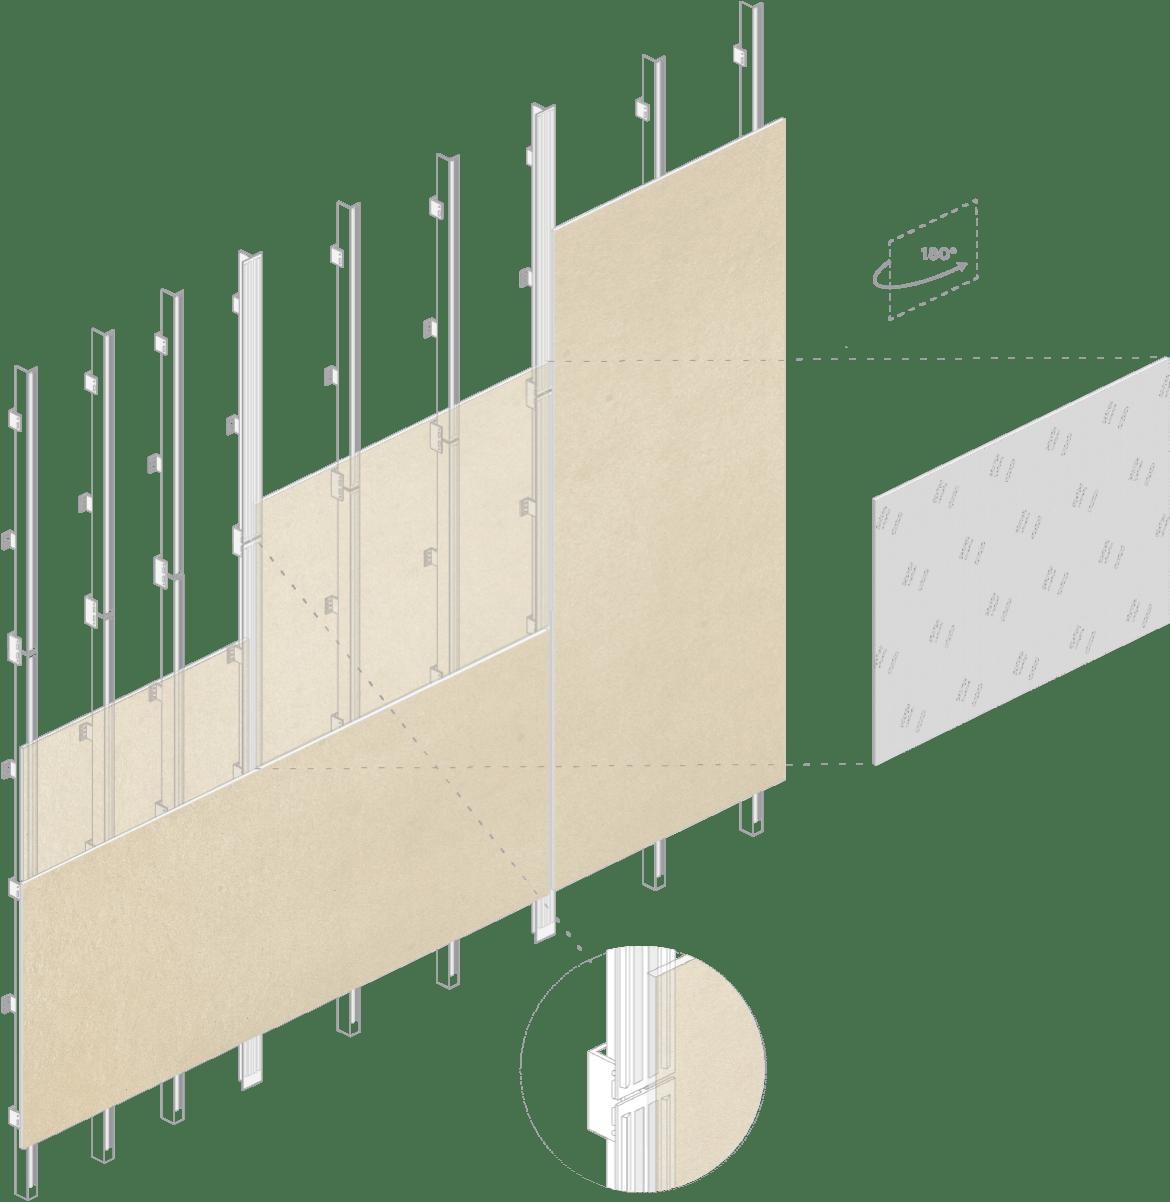 Systèmes DKC  - DKC INSIDE 31